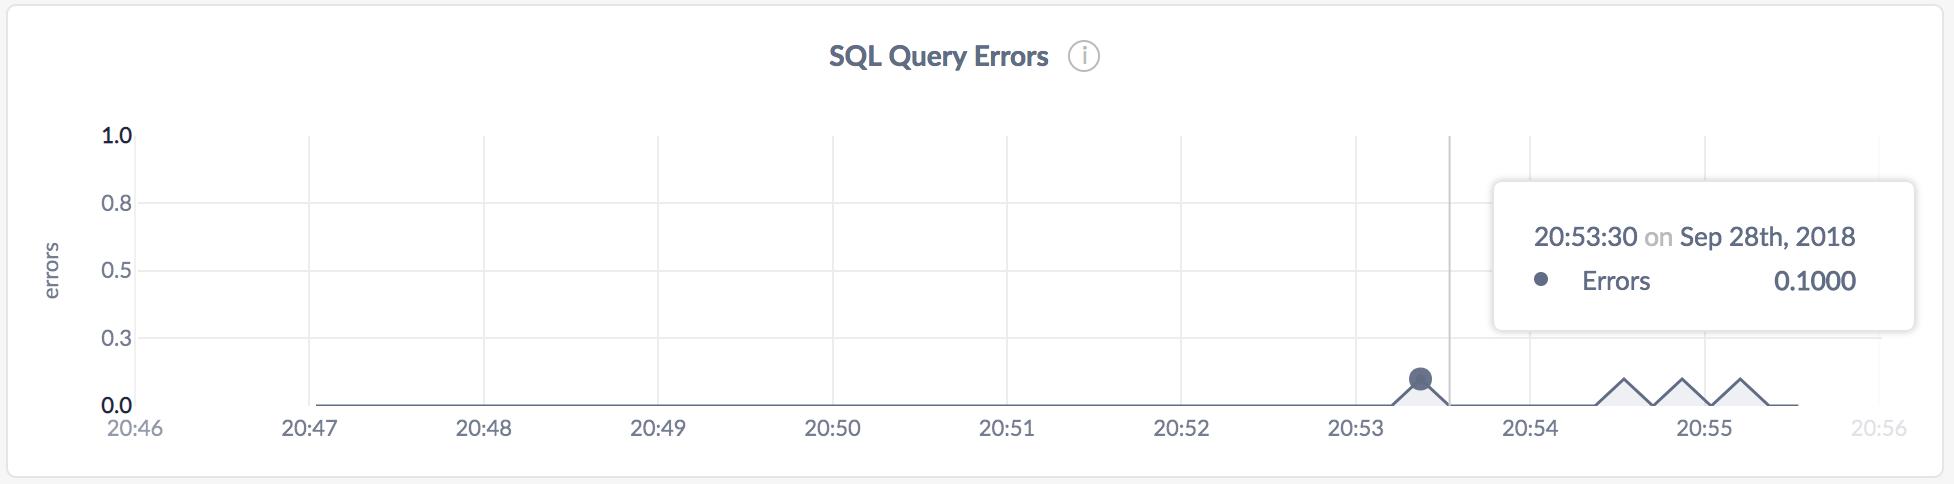 DB Console SQL Query Errors